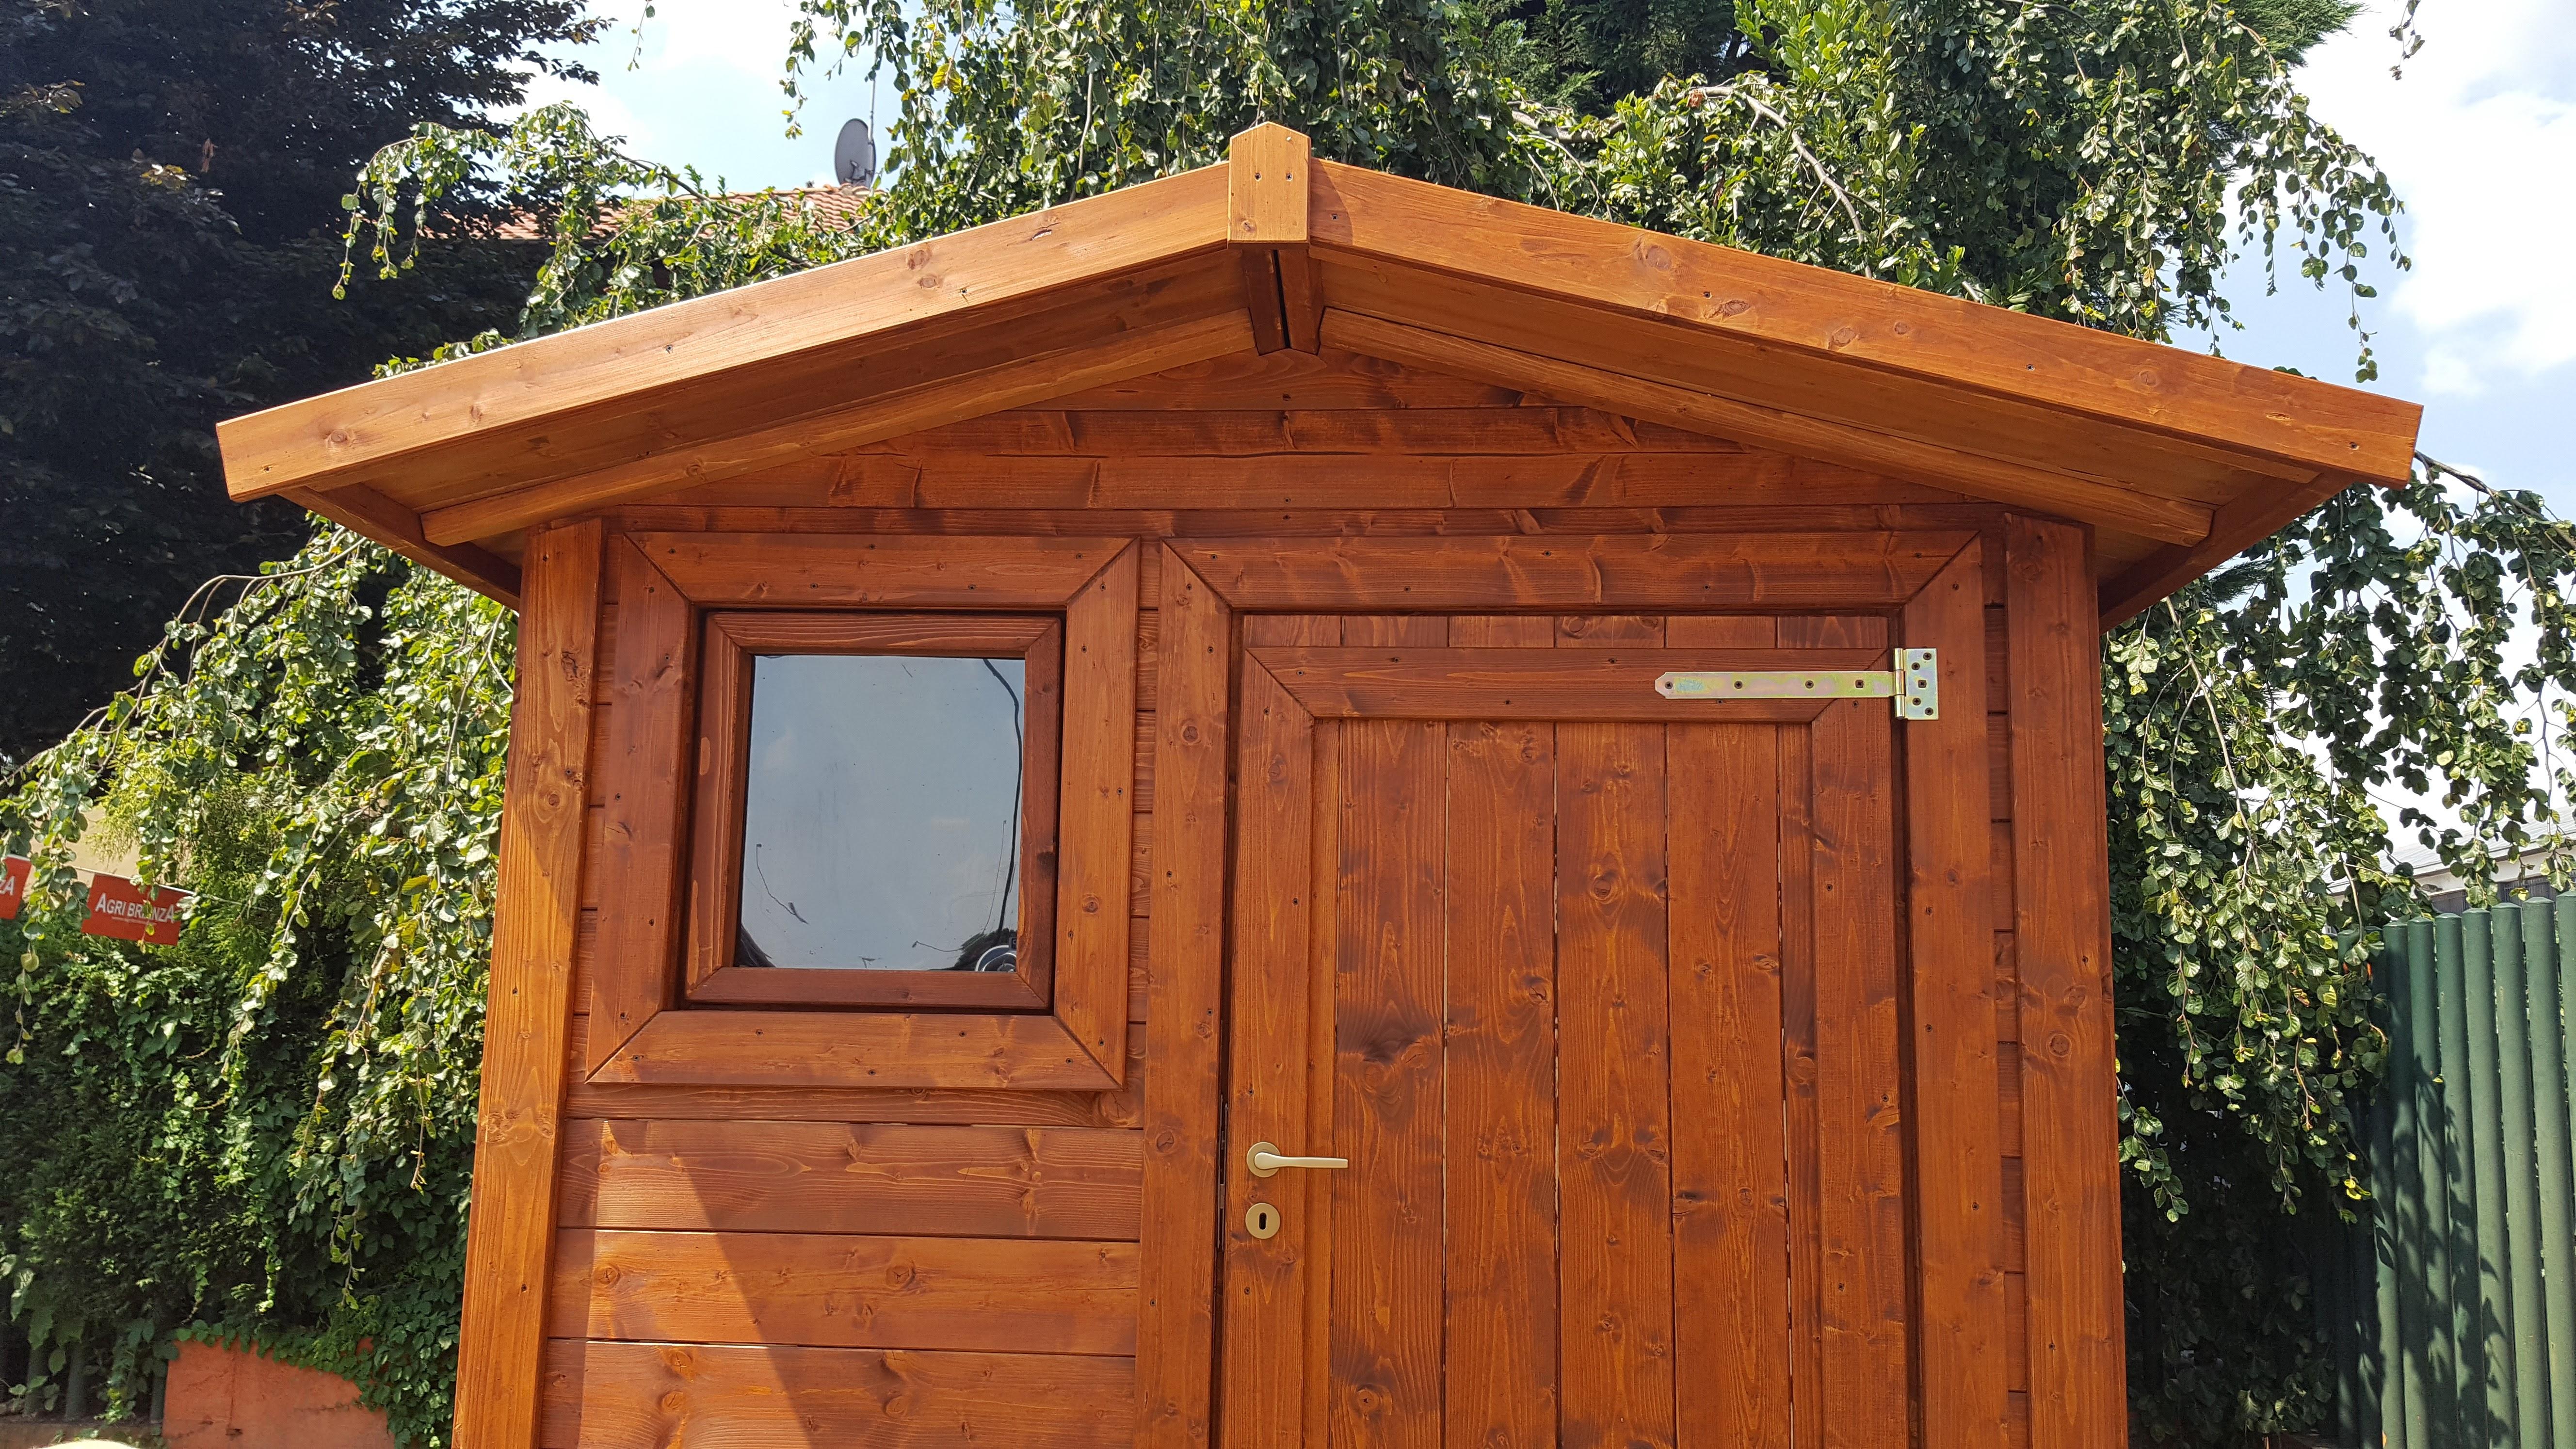 Casette in legno da giardino: ordine e riparo